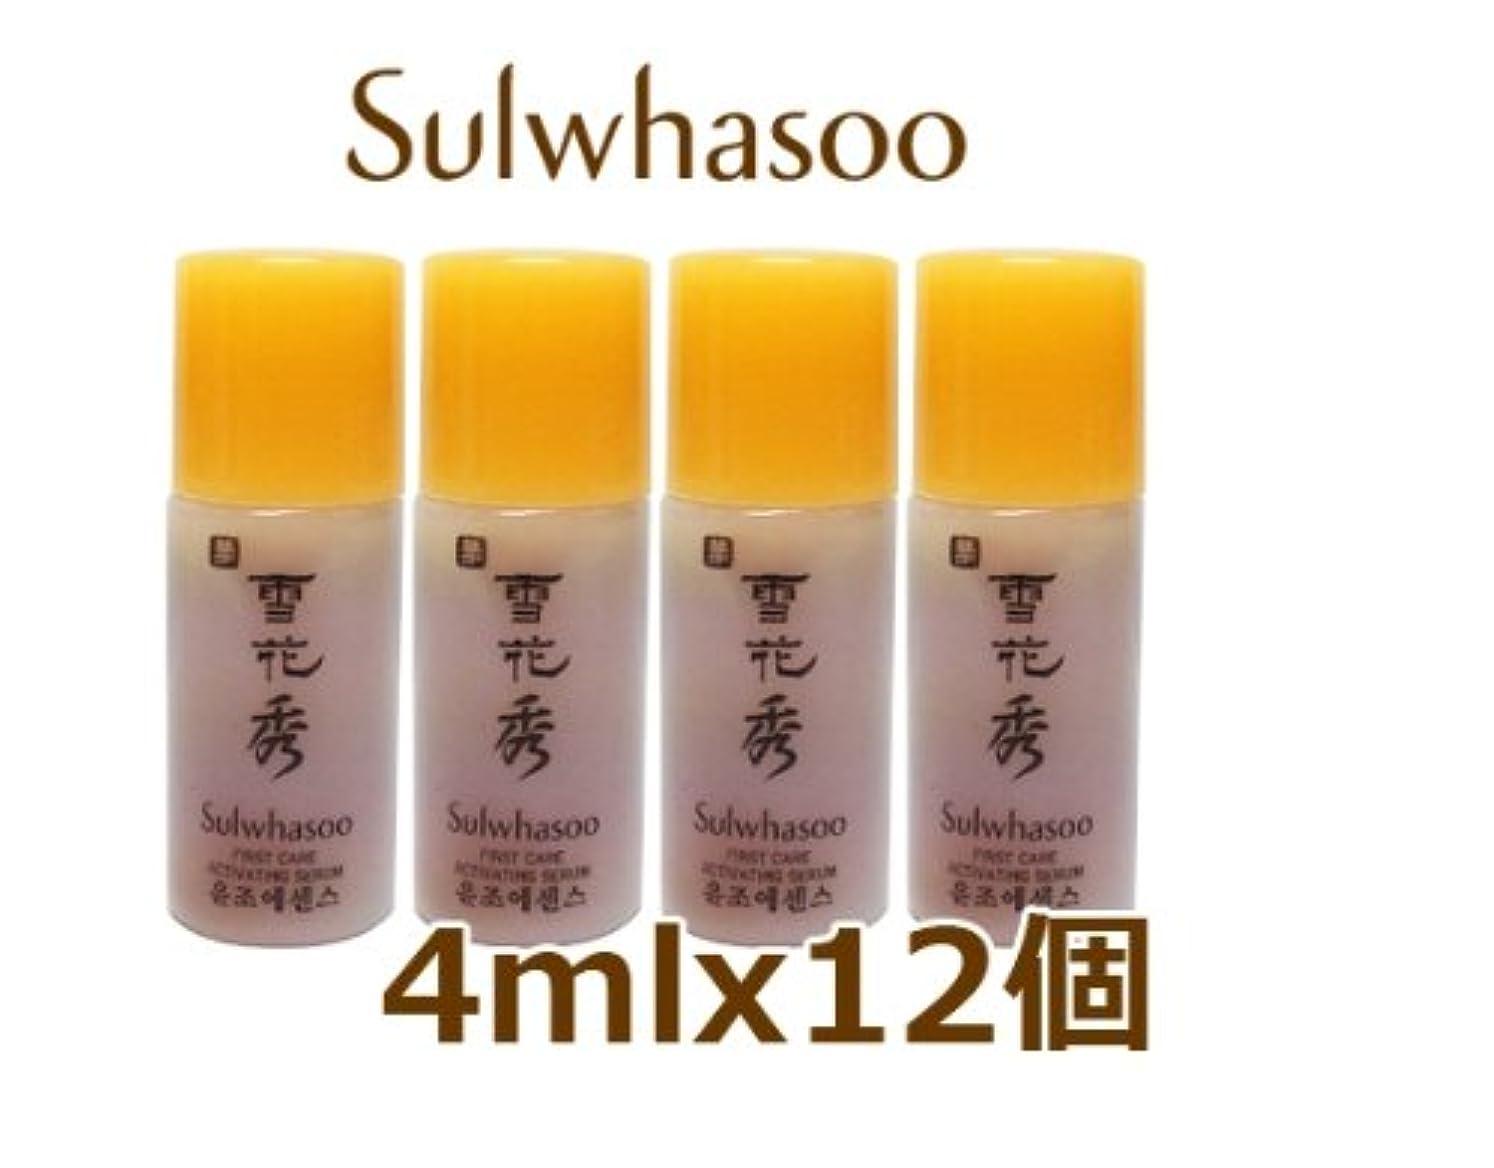 全能酸度アロング【ソルファス 雪花秀 Sulwhasoo】潤燥 エッセンス 4ml x 12個